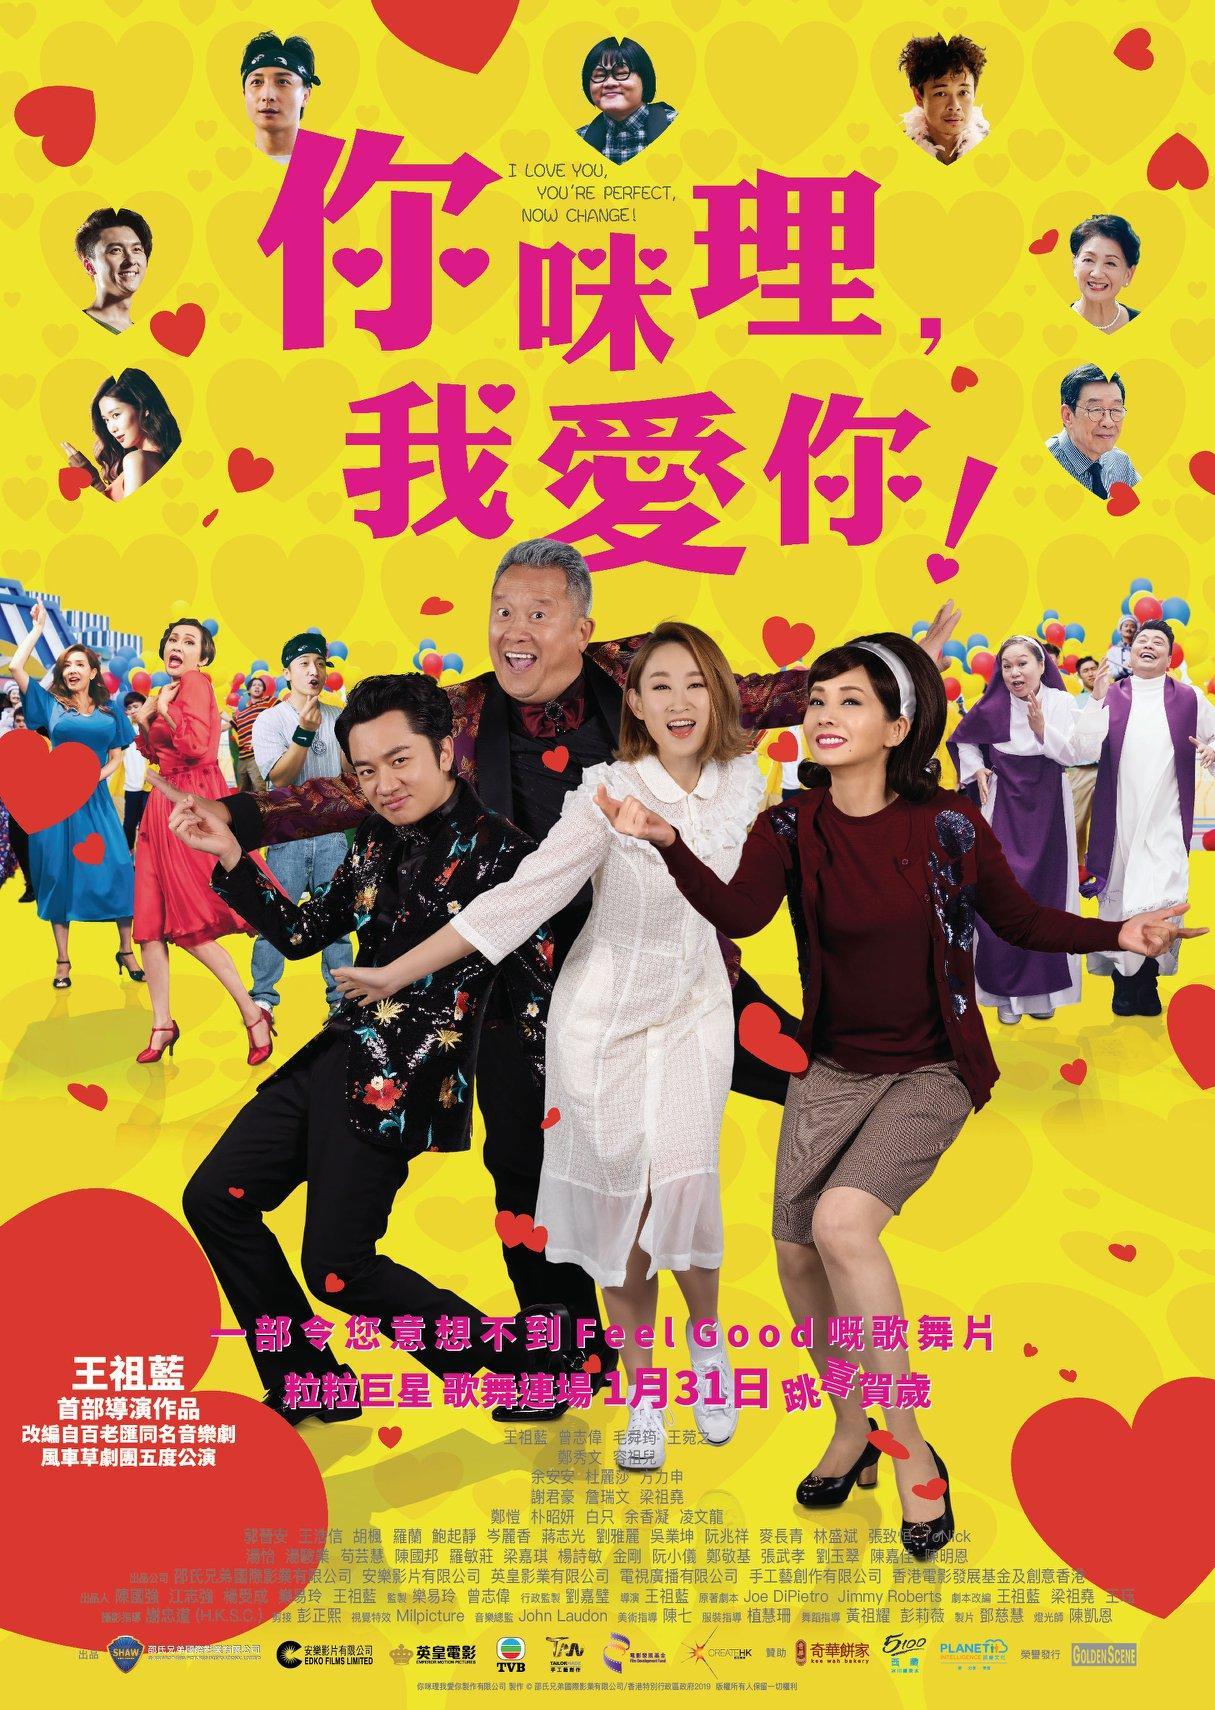 2019 中国《你咪理,我爱你!》改编自百老汇同名歌剧